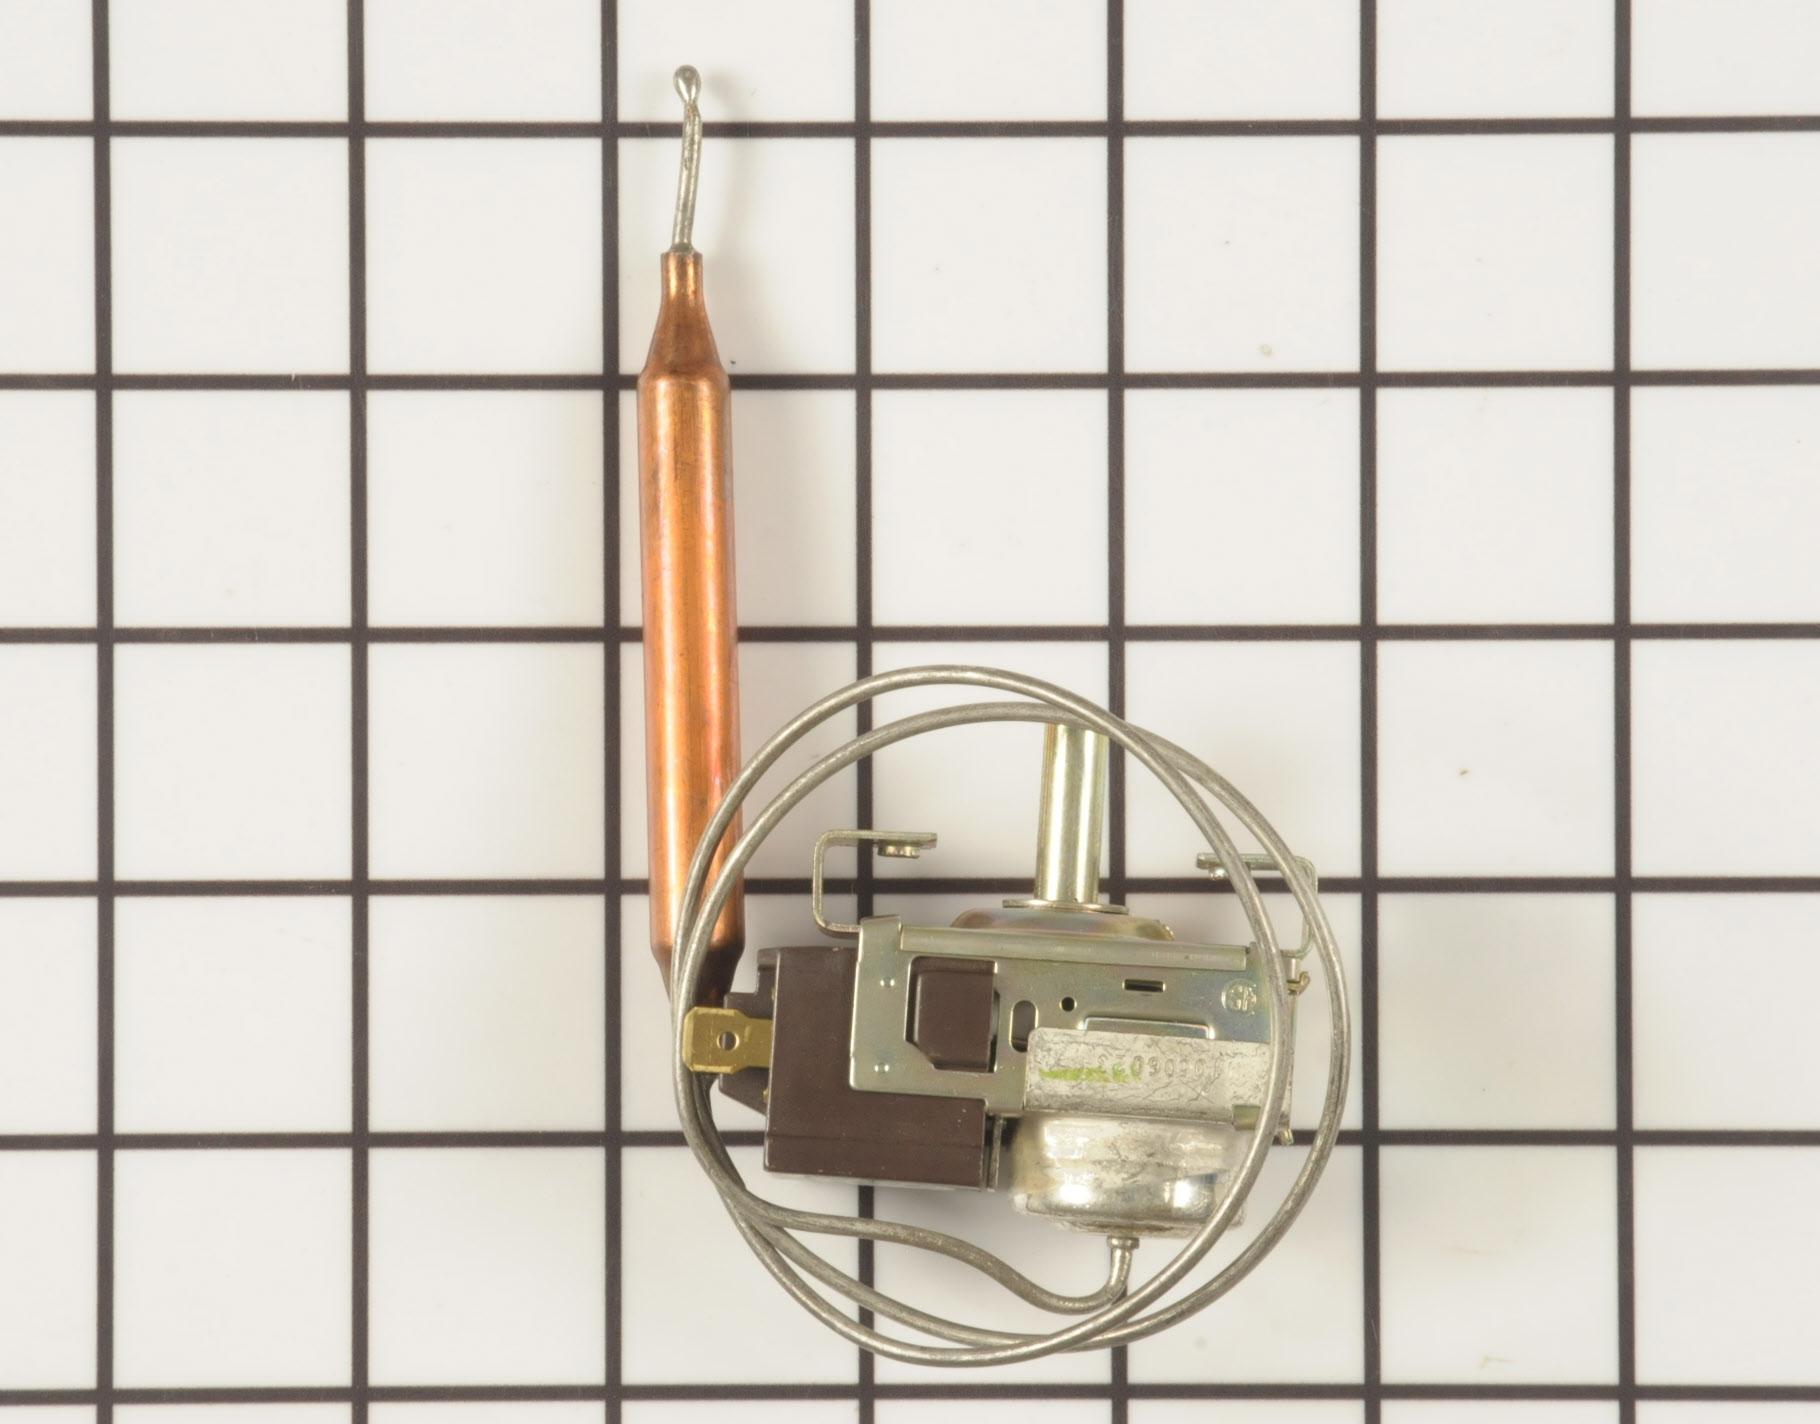 Frigidaire Air Conditioner Part # 5303313966 - Temperature Control Thermostat